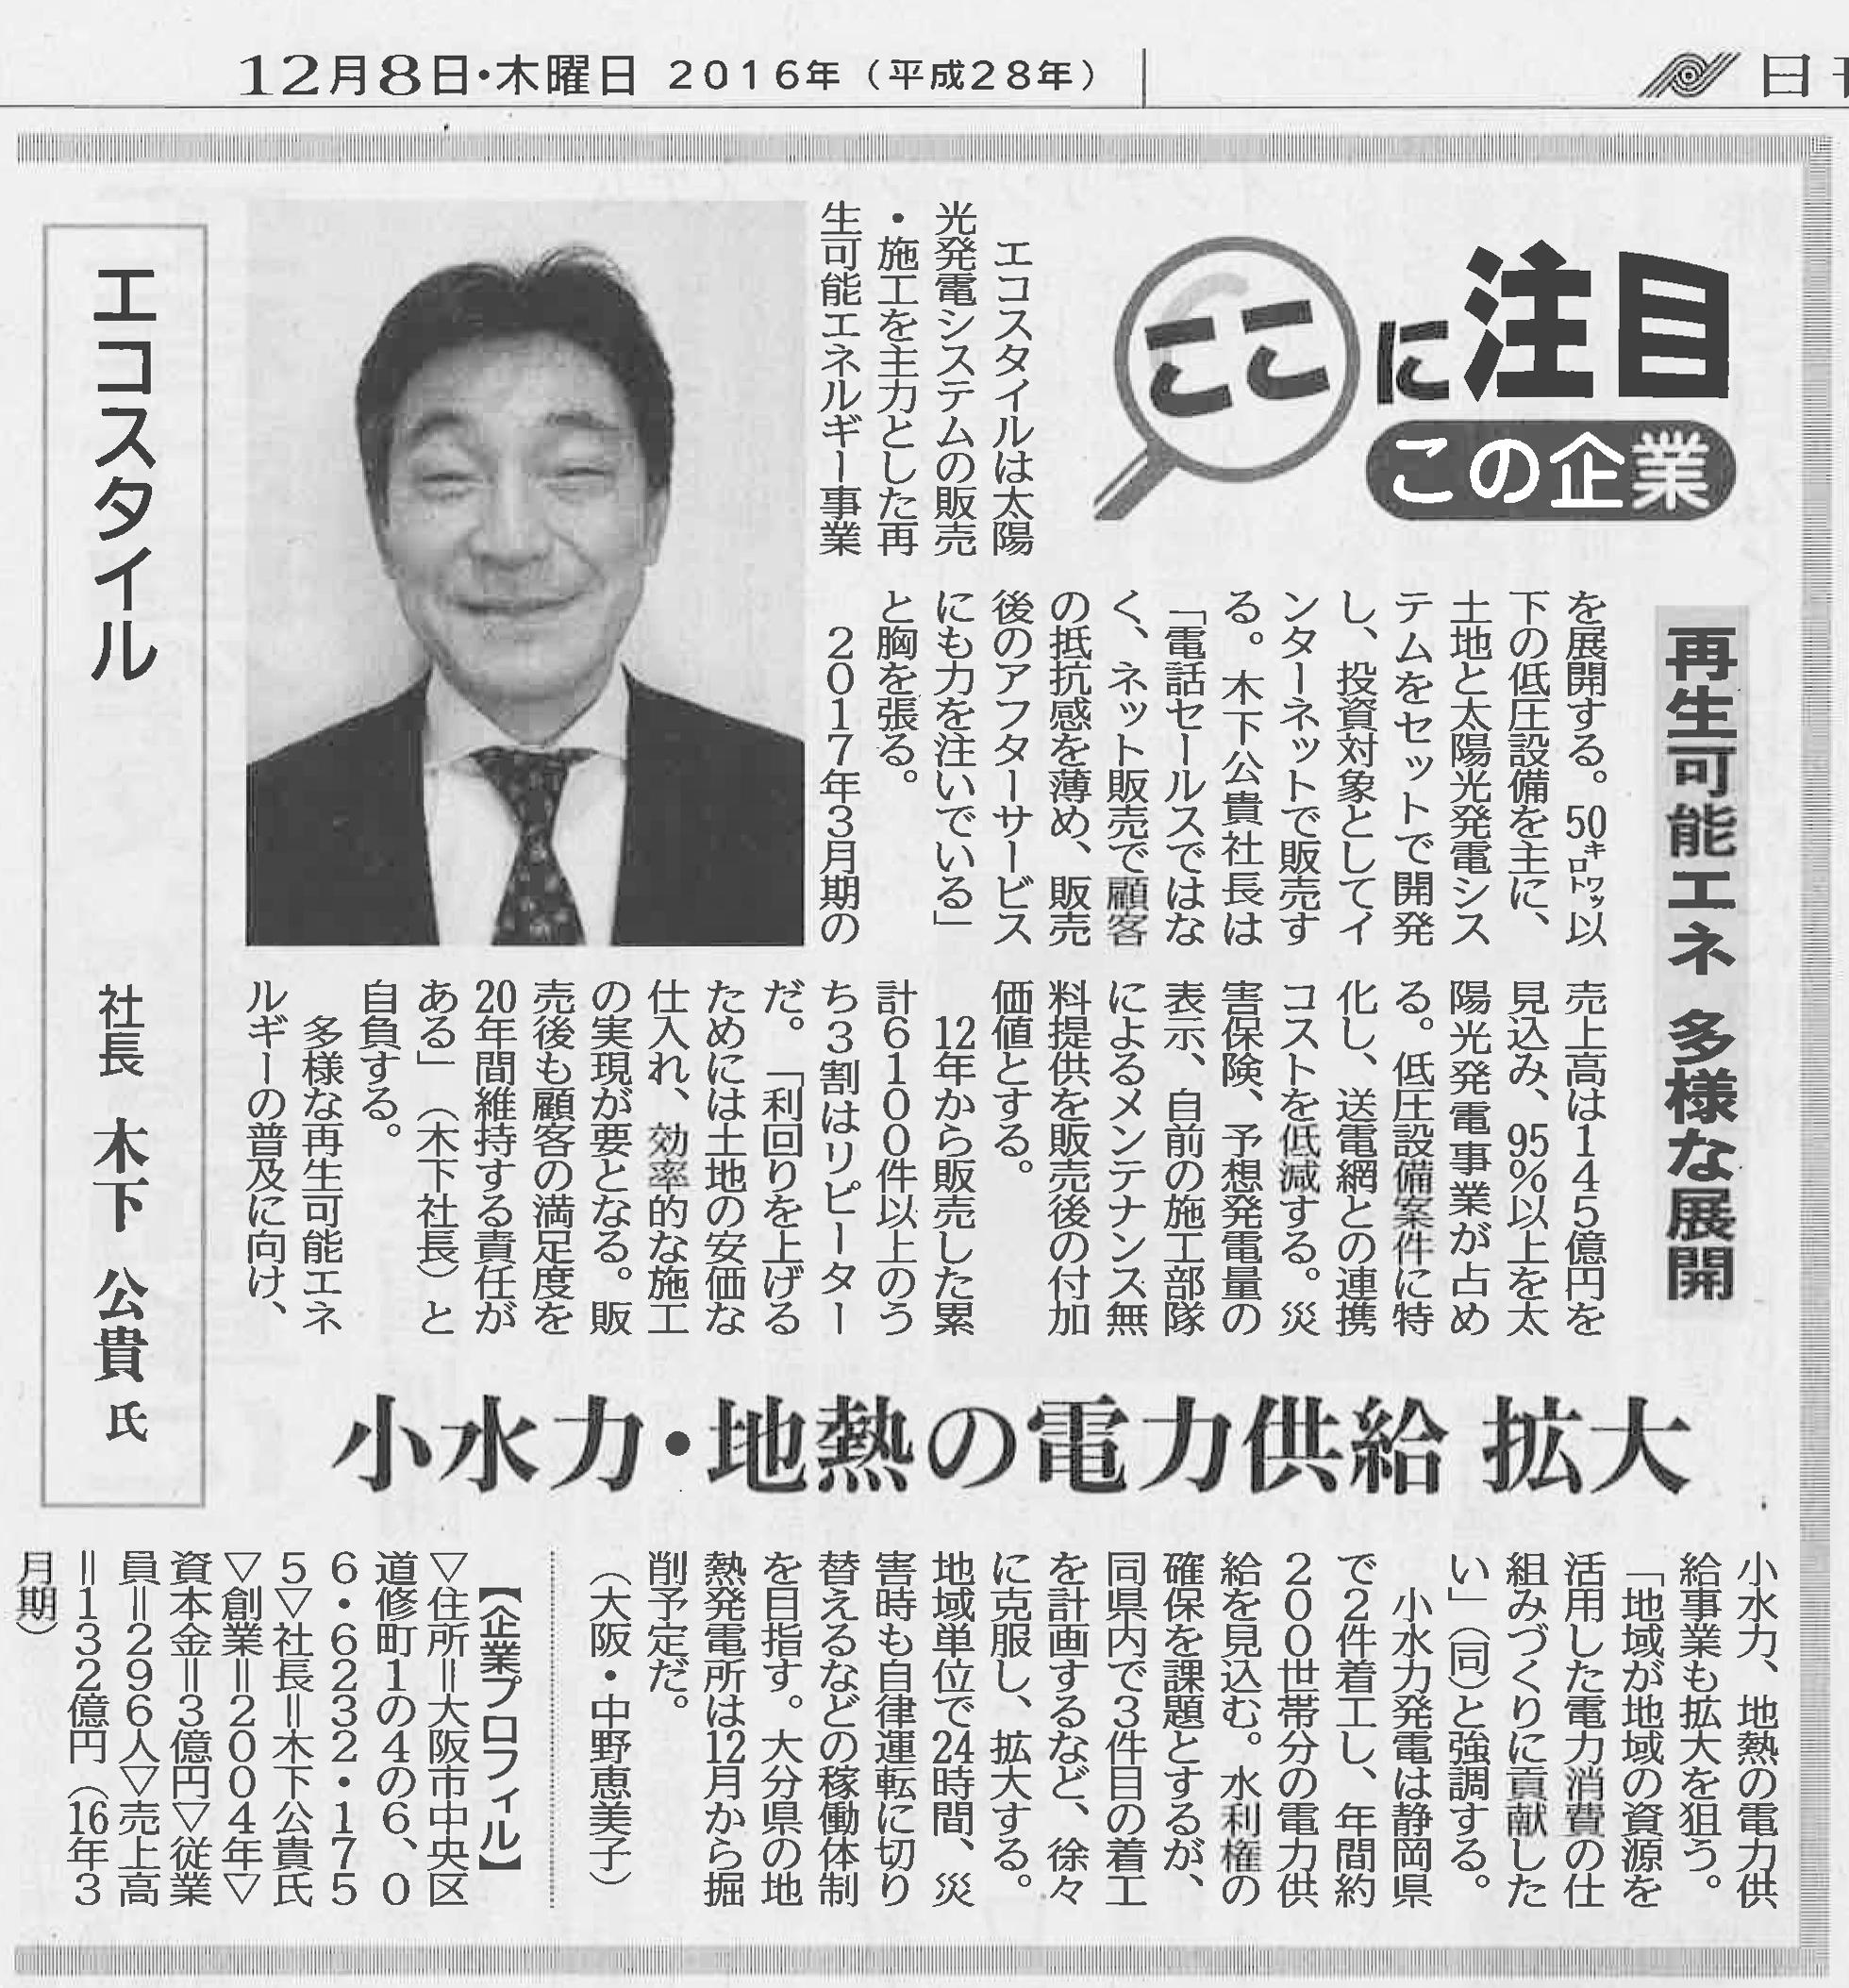 161208日刊工業新聞